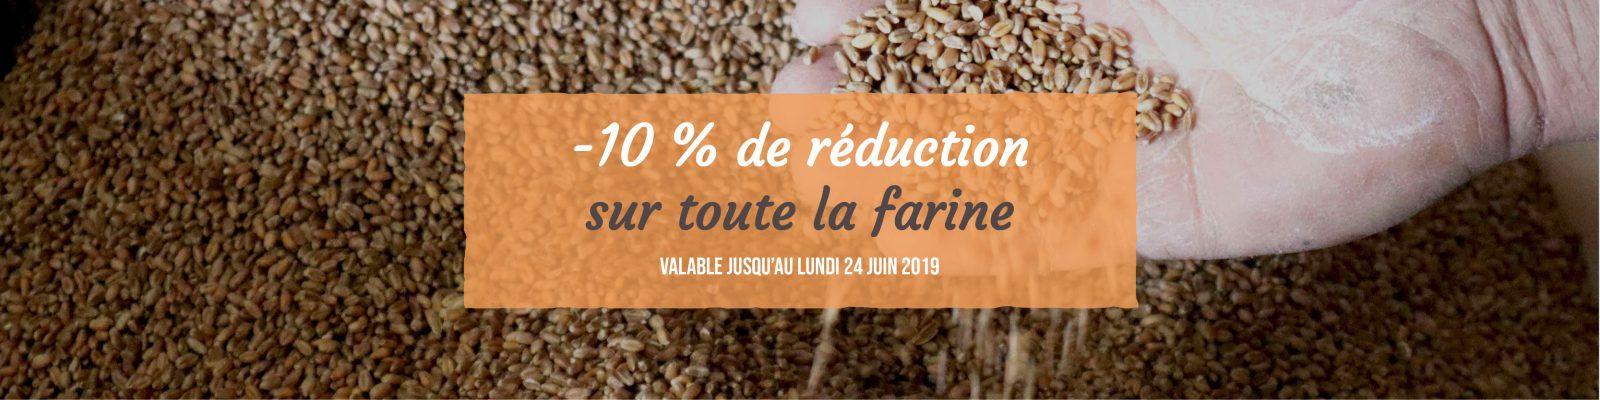 Farine - Livraison de fruits et légumes BIO - Graines d'ici - Nantes